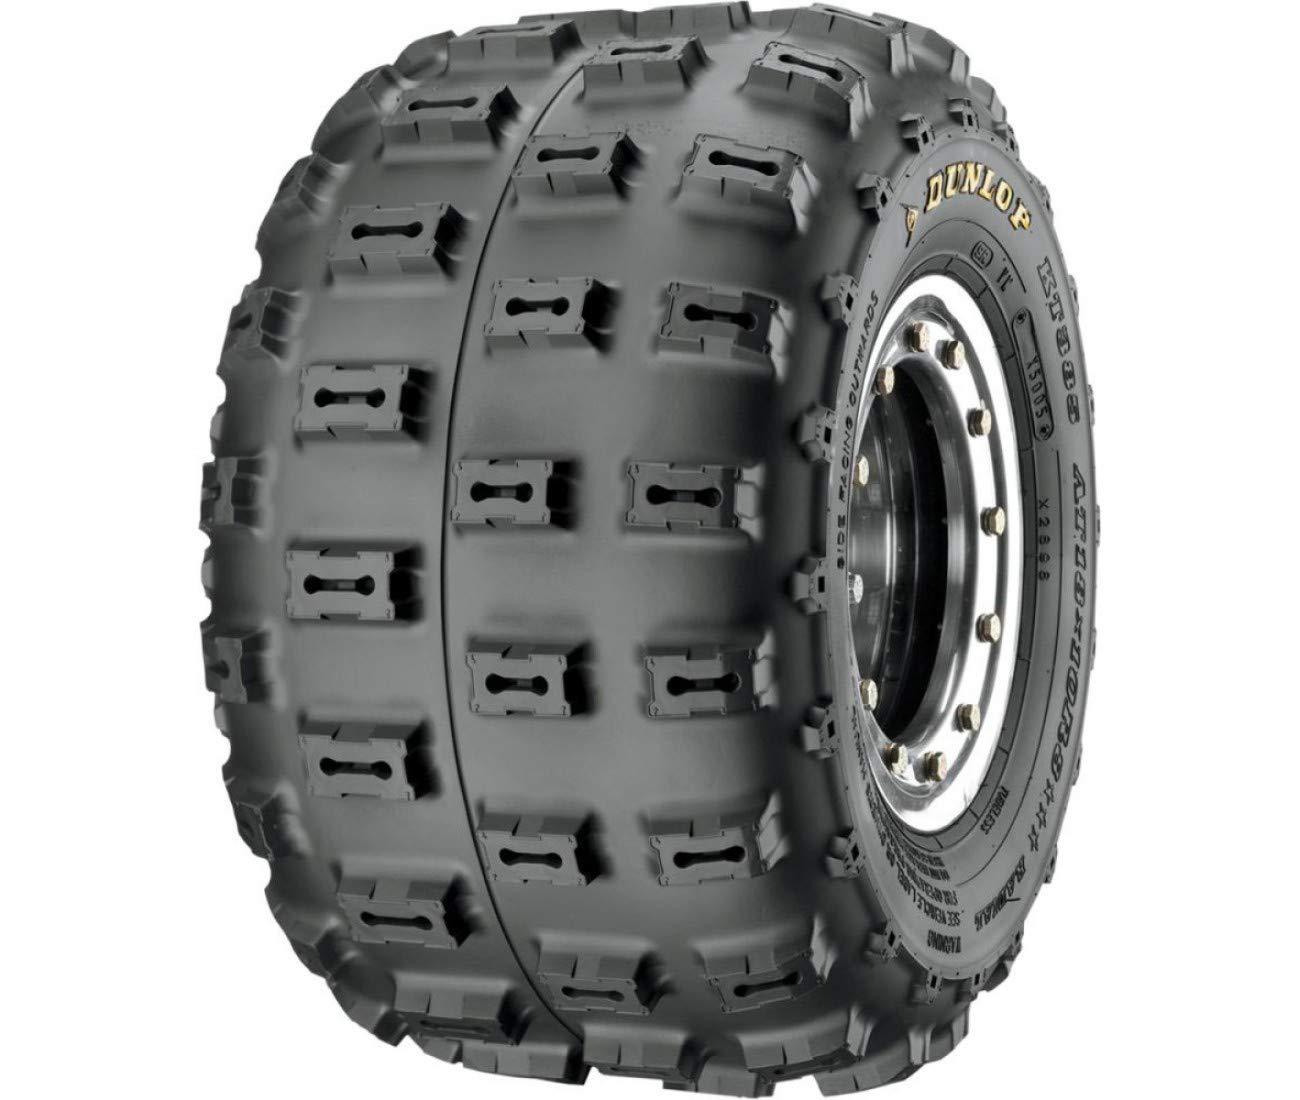 Suzuki Ltr 450 - Neumático Arriere Dunlop KT385 - 18 x 10r9 ...